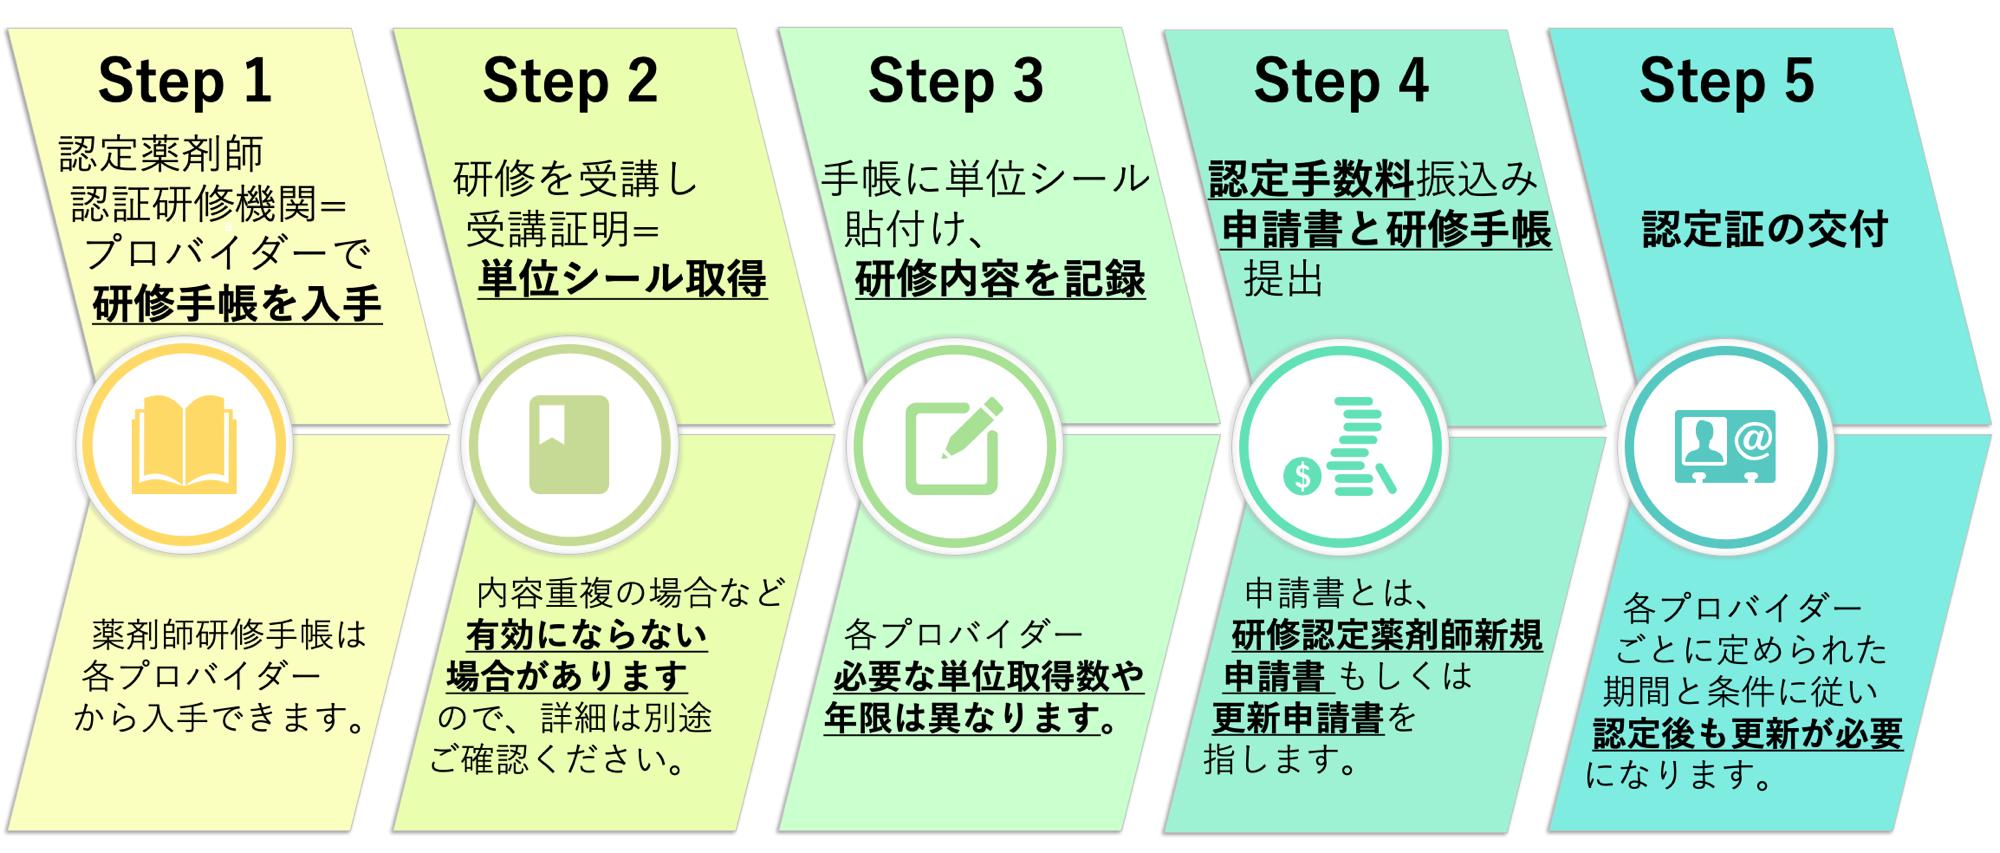 認定薬剤師 資格取得の流れ 5ステップ